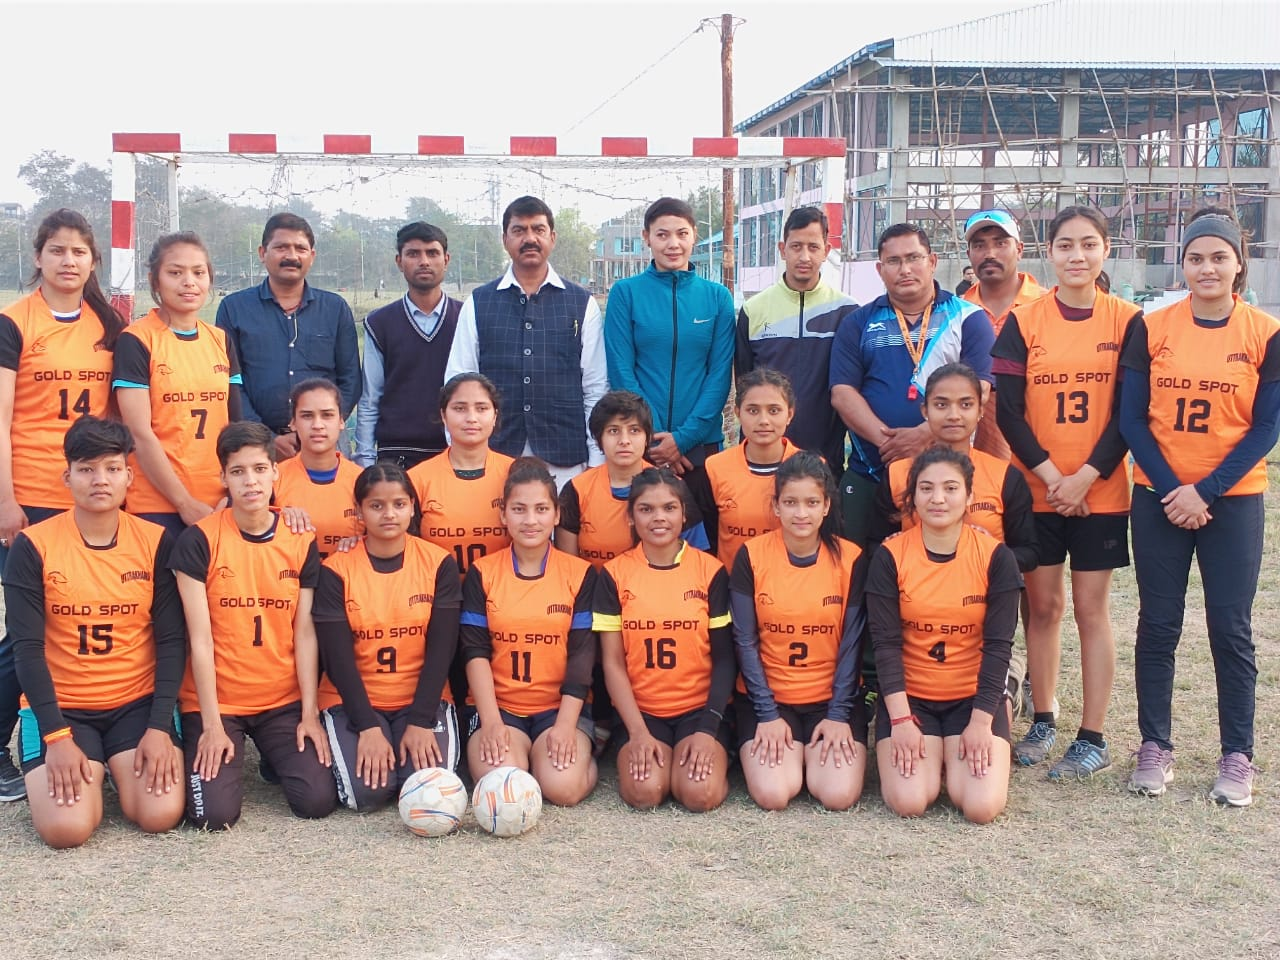 सीनियर महिला हैंडबॉल टीम बरेली रवाना